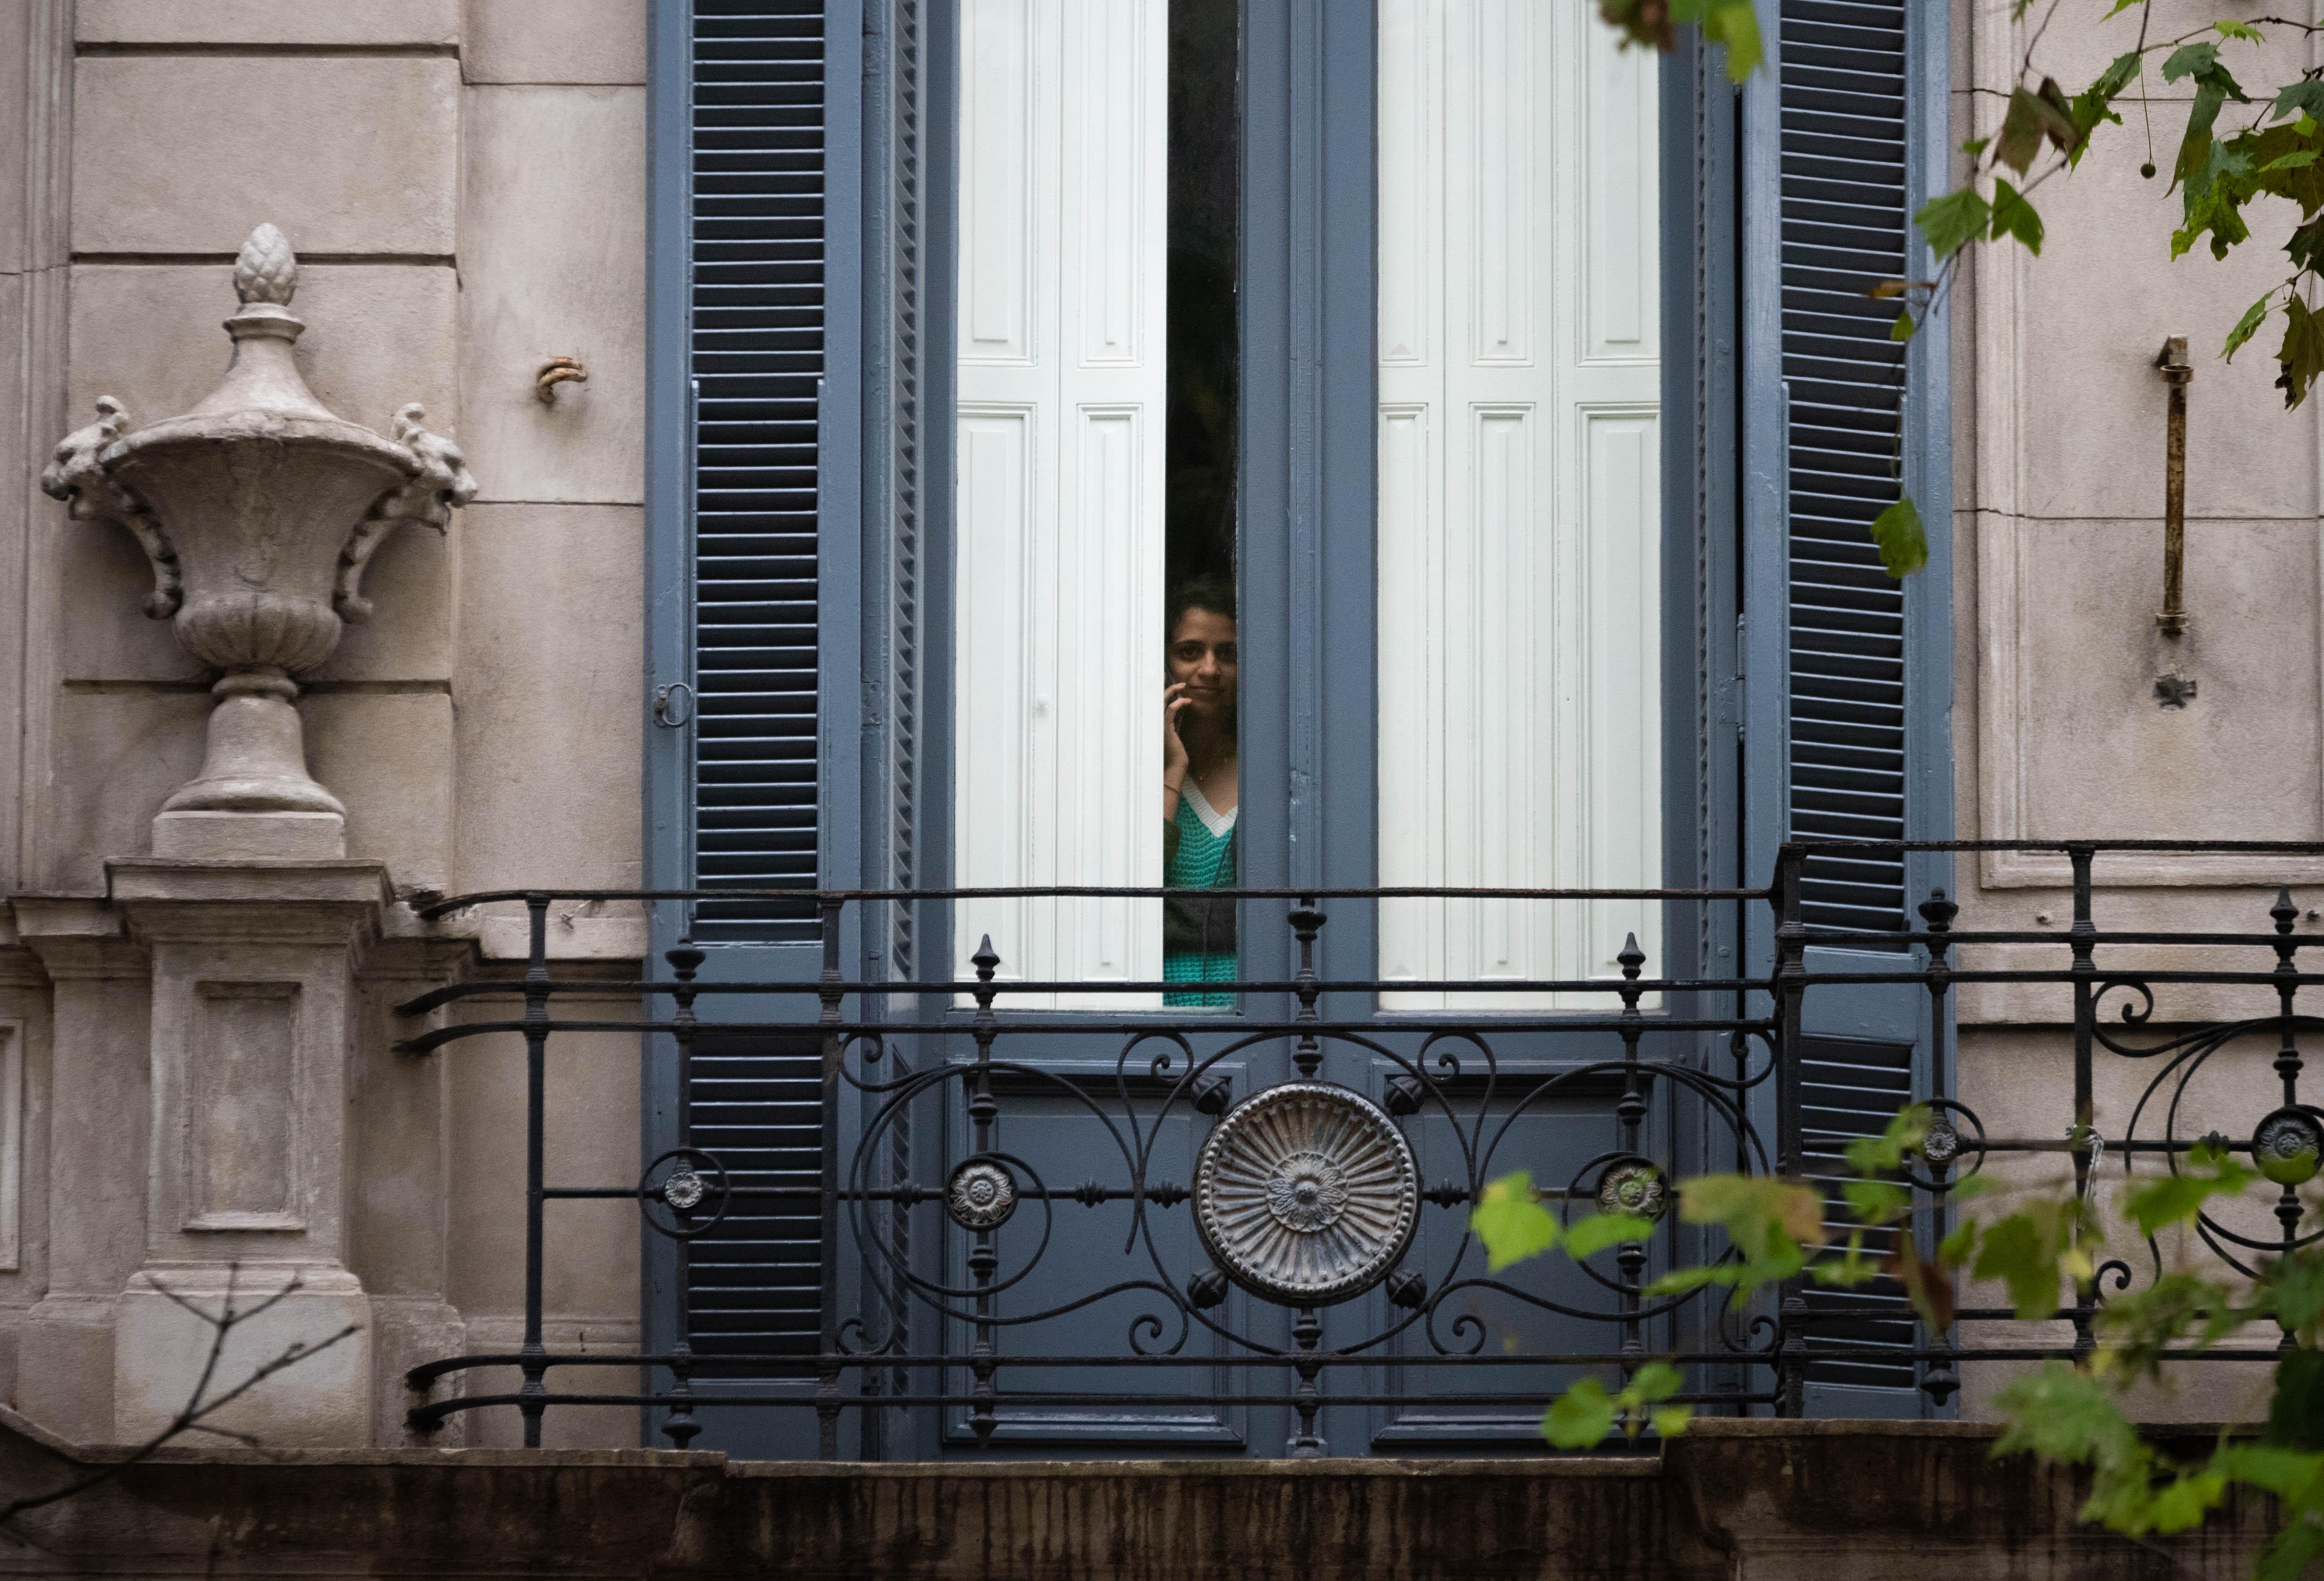 Un balcón sin flores, como el del poema de Baldomero Fernández Moreno, y una chica que se asoma tras las cortinas con el celular en la mano. Los porteños comenzaban así el aislamiento que confinaría a la mayoría de ellos -al igual que a sus compatriotas de todo el país-, en una cuarentena que, en ese momento, se pensaba por 12 días. La realidad y la necesidad de aplanar la curva hizo que se extendiera -con mucha elasticidad, es cierto- hasta el día de hoy.